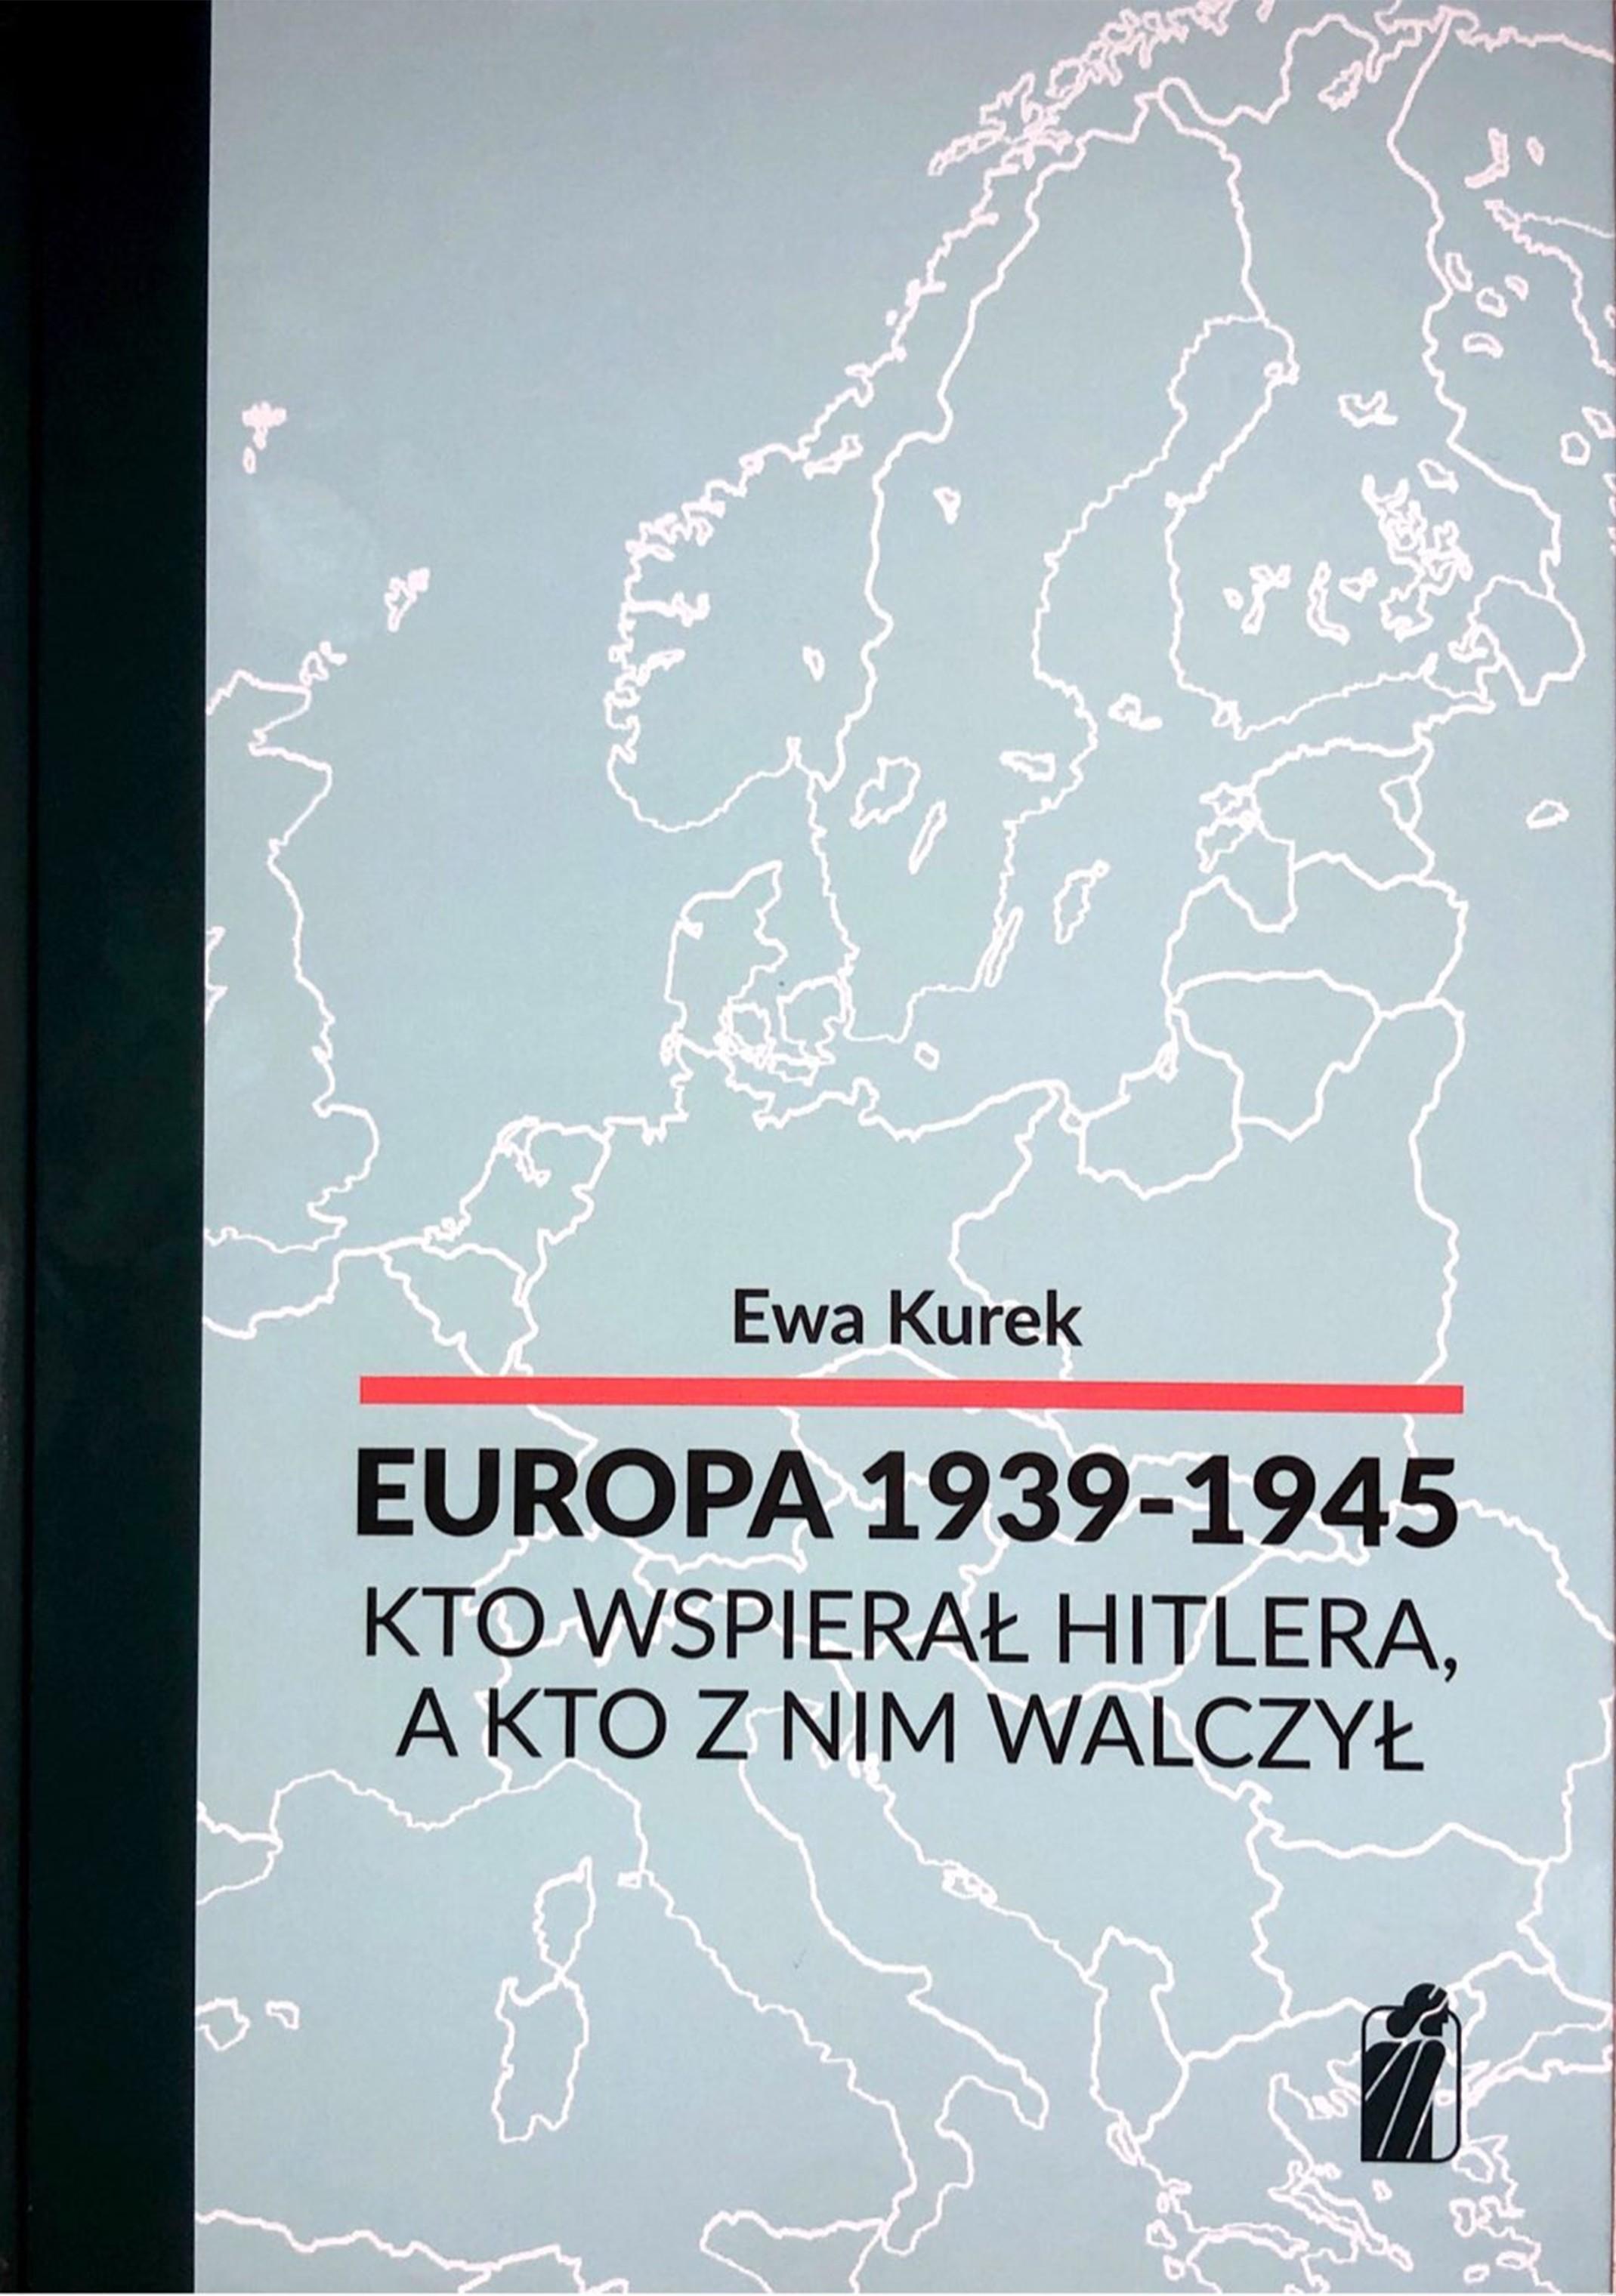 Europa 1939-1945 Kto wspierał Hitlera, a kto z nim walczył (E.Kurek)